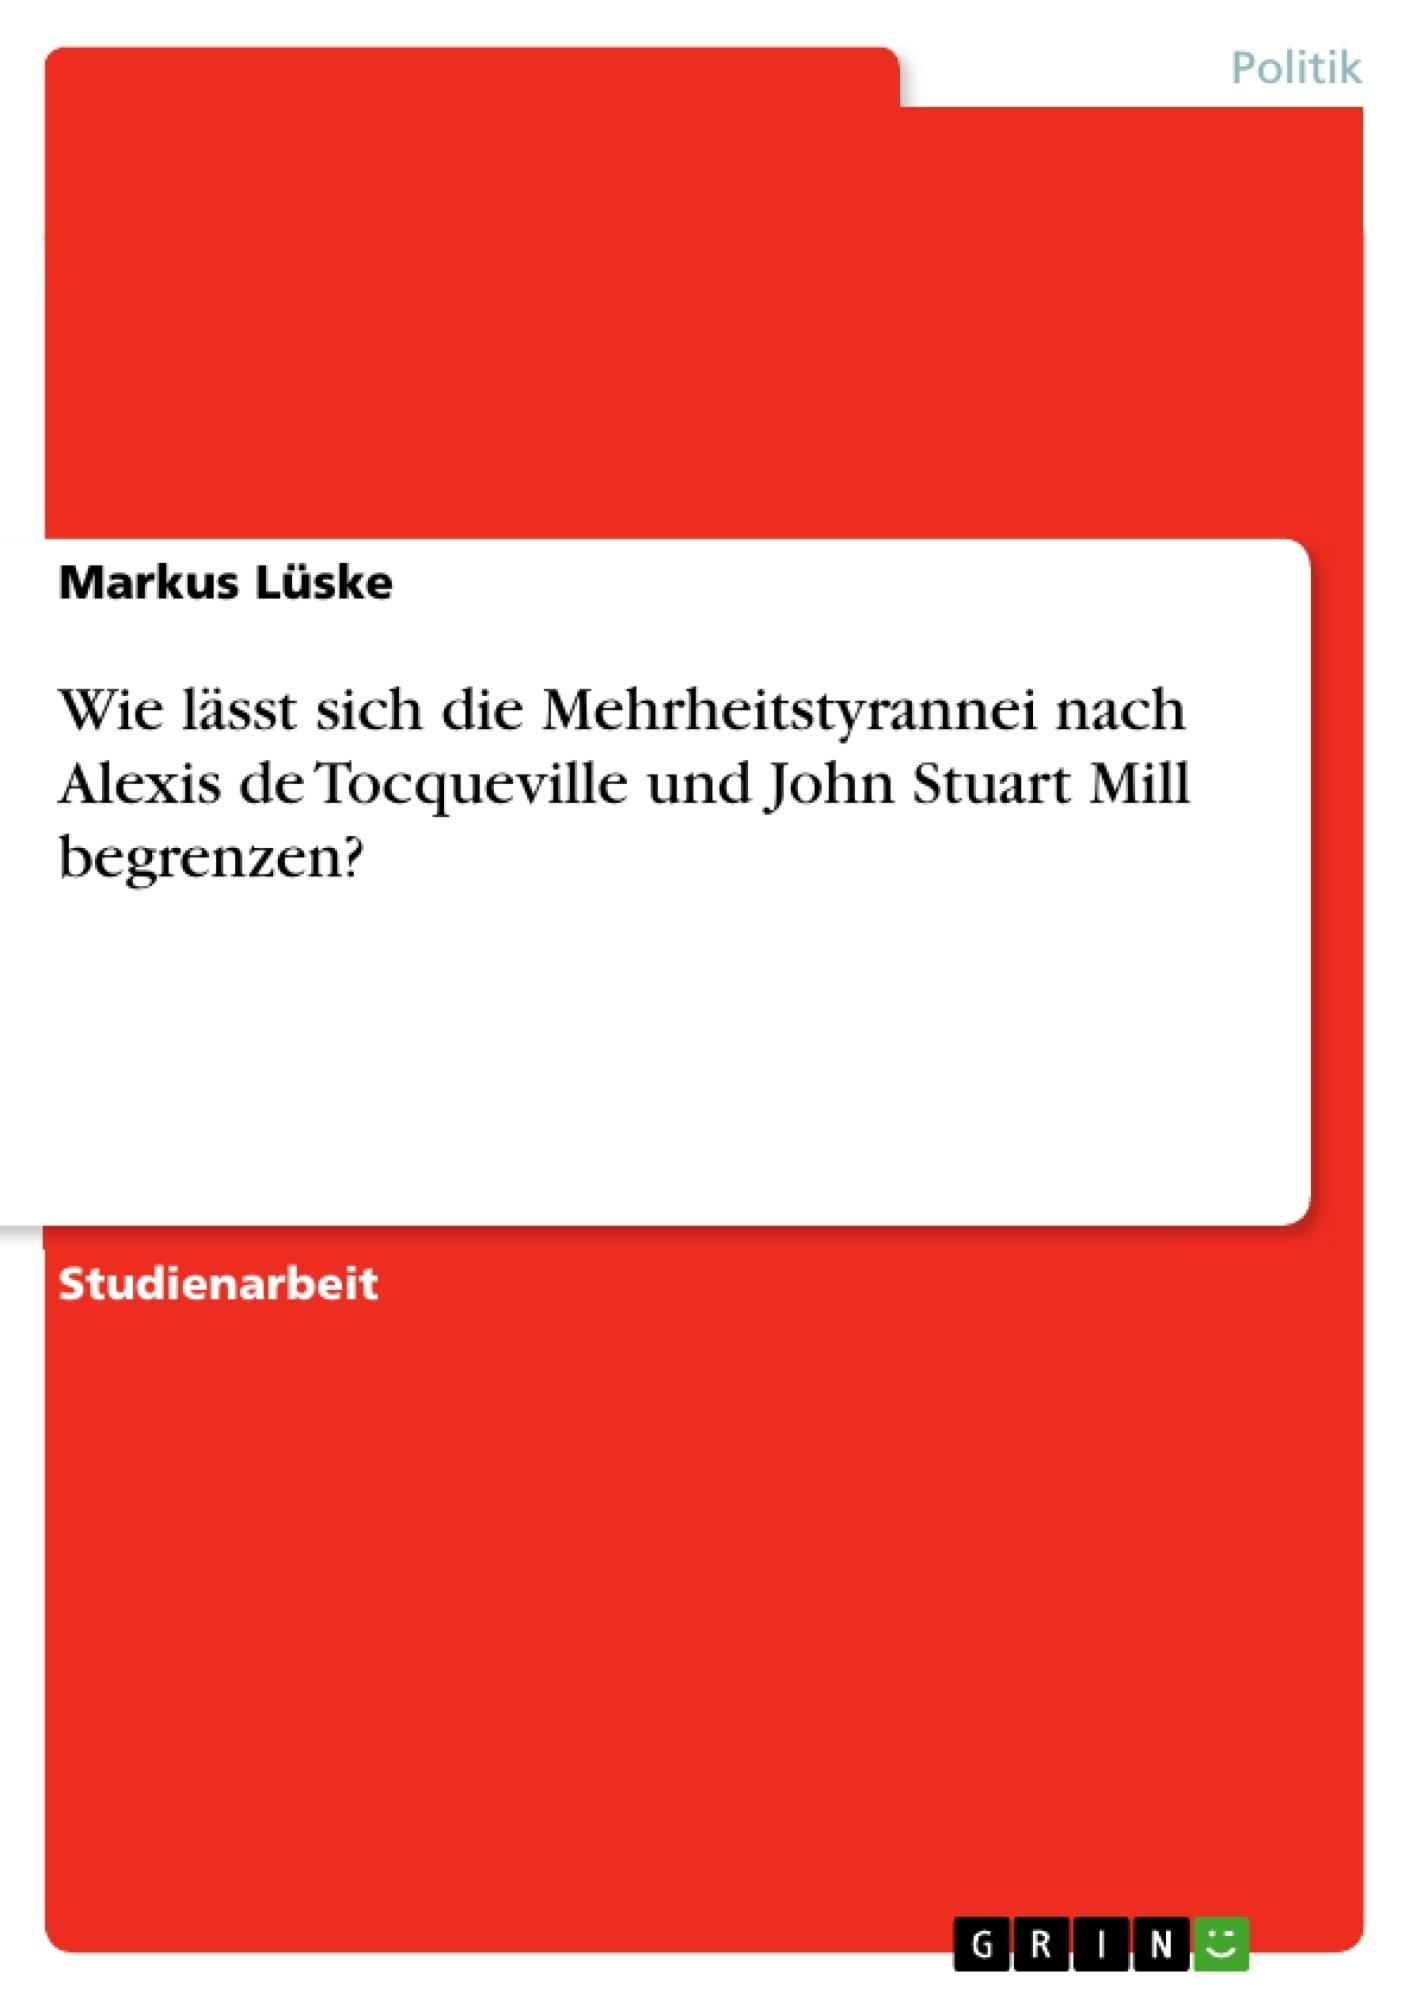 Titel: Wie lässt sich die Mehrheitstyrannei nach Alexis de Tocqueville und John Stuart Mill begrenzen?